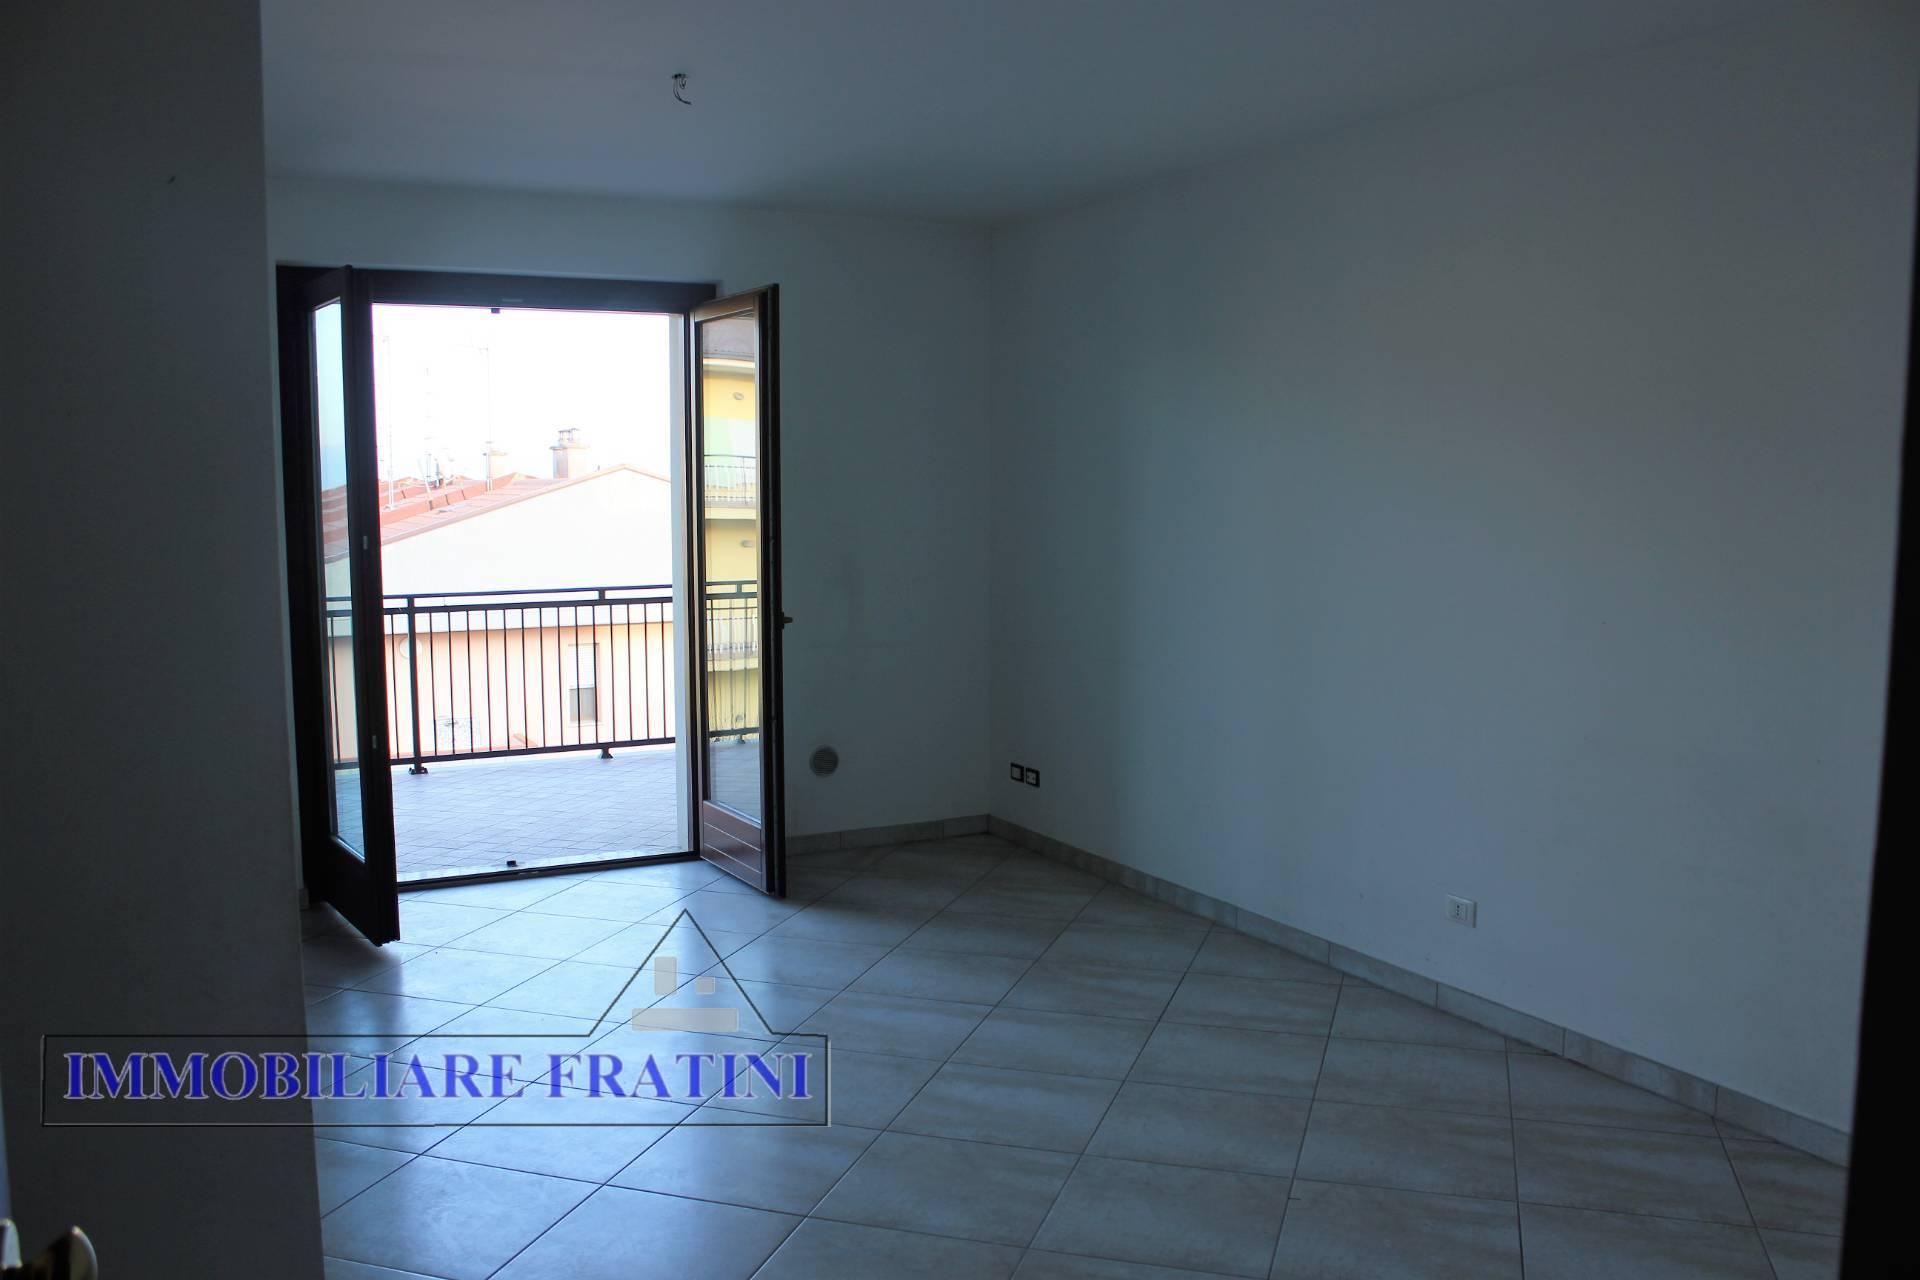 Appartamento in vendita a Monteprandone, 4 locali, zona Località: Centobuchisoprasalaria, prezzo € 169.000   PortaleAgenzieImmobiliari.it